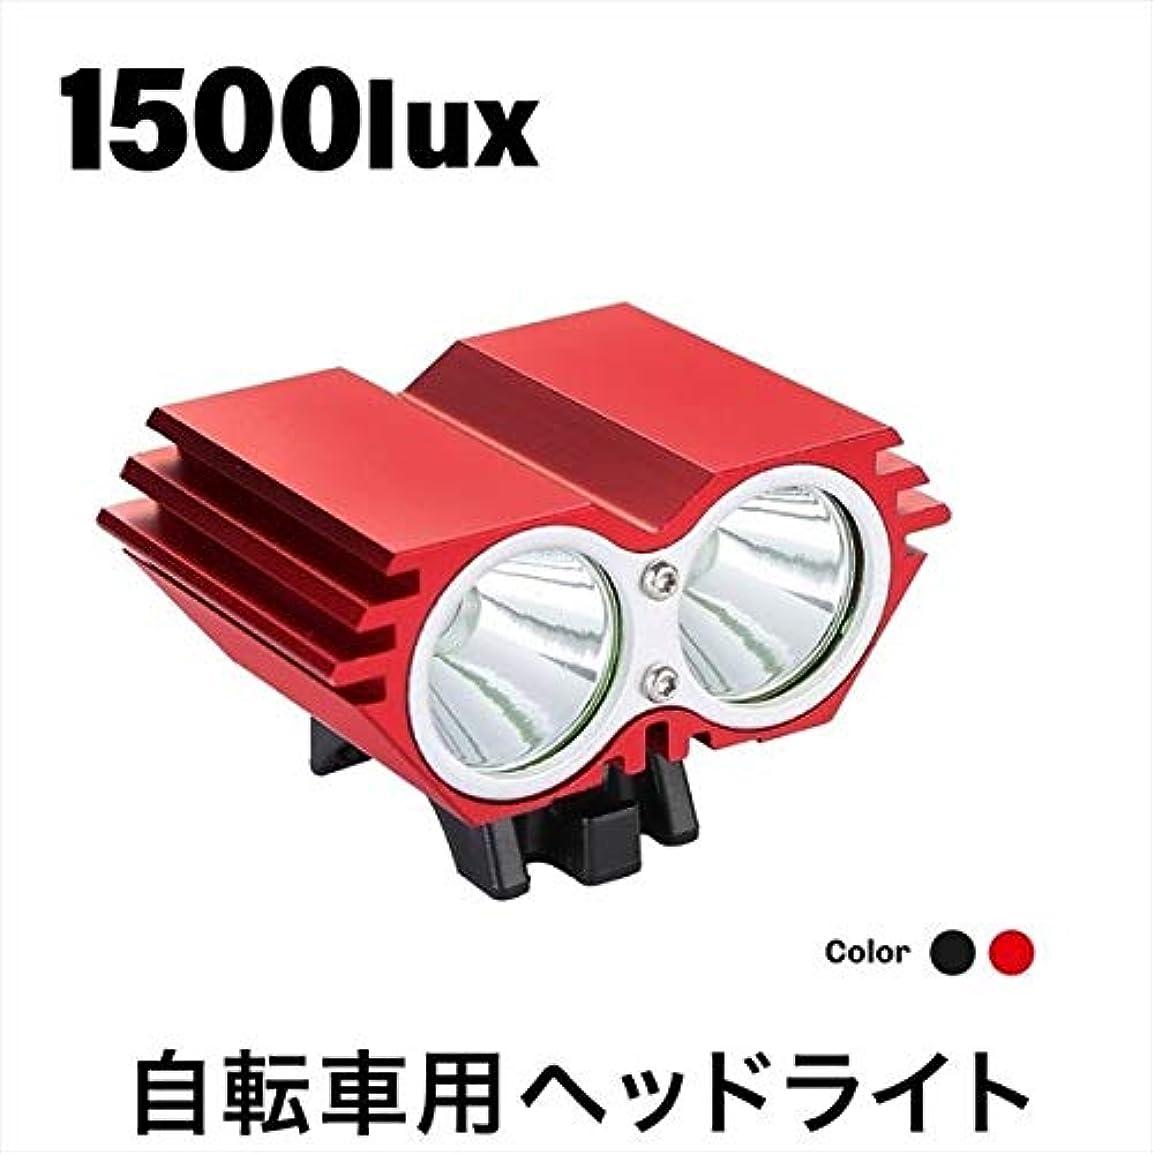 追い払う母性リーチ自転車ライト 充電式 高輝度 CREE製 LEDライト 2灯式 アルミ製ボディ ヘッドバンド付属 あすつく対応